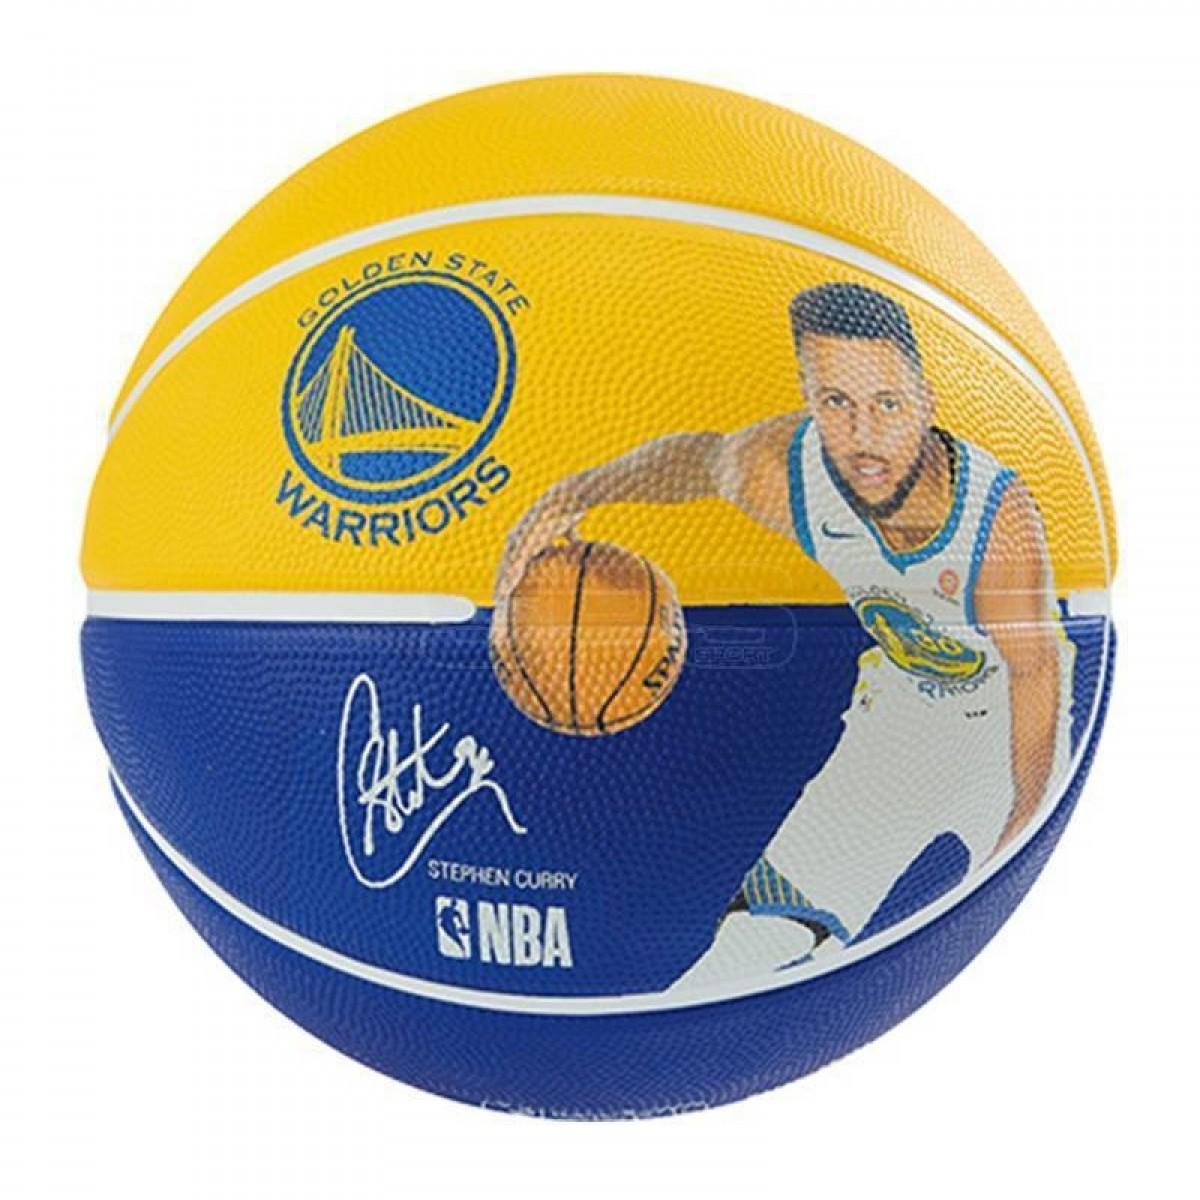 Balón Spalding NBA Player 'Stephen Curry'